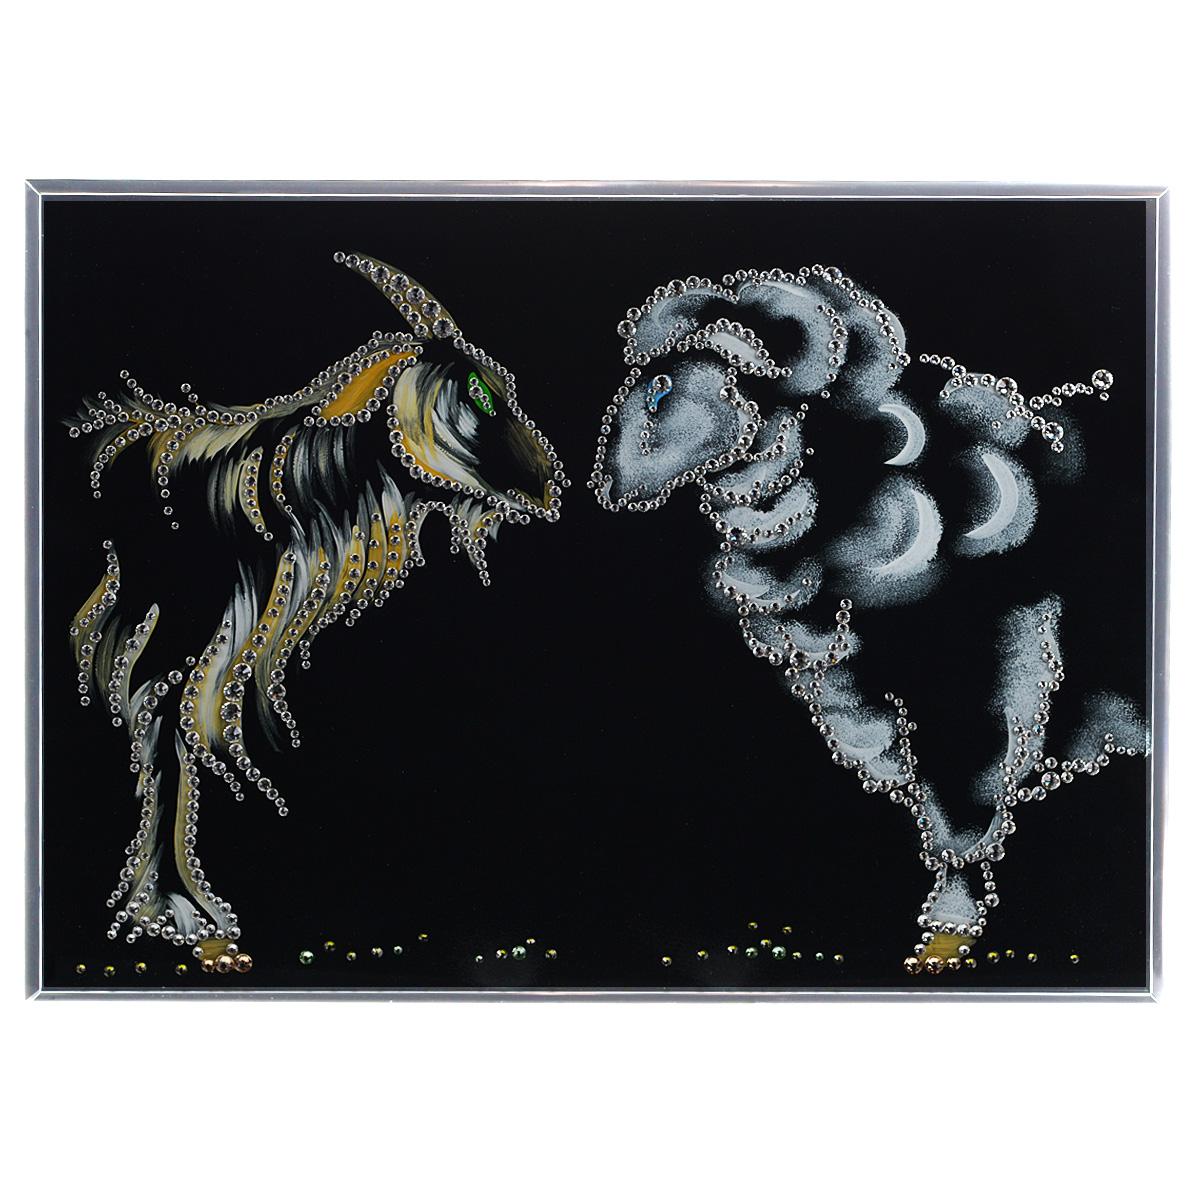 Картина с кристаллами Swarovski Символ 2015, 40 см х 30 см060611001Изящная картина в металлической раме, инкрустирована кристаллами Swarovski, которые отличаются четкой и ровной огранкой, ярким блеском и чистотой цвета. Красочное изображение символа 2015 года - овечки и козы, расположенное на внутренней стороне стекла, прекрасно дополняет блеск кристаллов. Под стеклом картина оформлена бархатистой тканью черного цвета. С обратной стороны имеется металлическая петелька для размещения картины на стене.Картина с кристаллами Swarovski Символ 2015 элегантно украсит интерьер дома или офиса, а также станет прекрасным подарком, который обязательно понравится получателю. Блеск кристаллов в интерьере, что может быть сказочнее и удивительнее. Картина упакована в подарочную картонную коробку синего цвета и комплектуется сертификатом соответствия Swarovski.